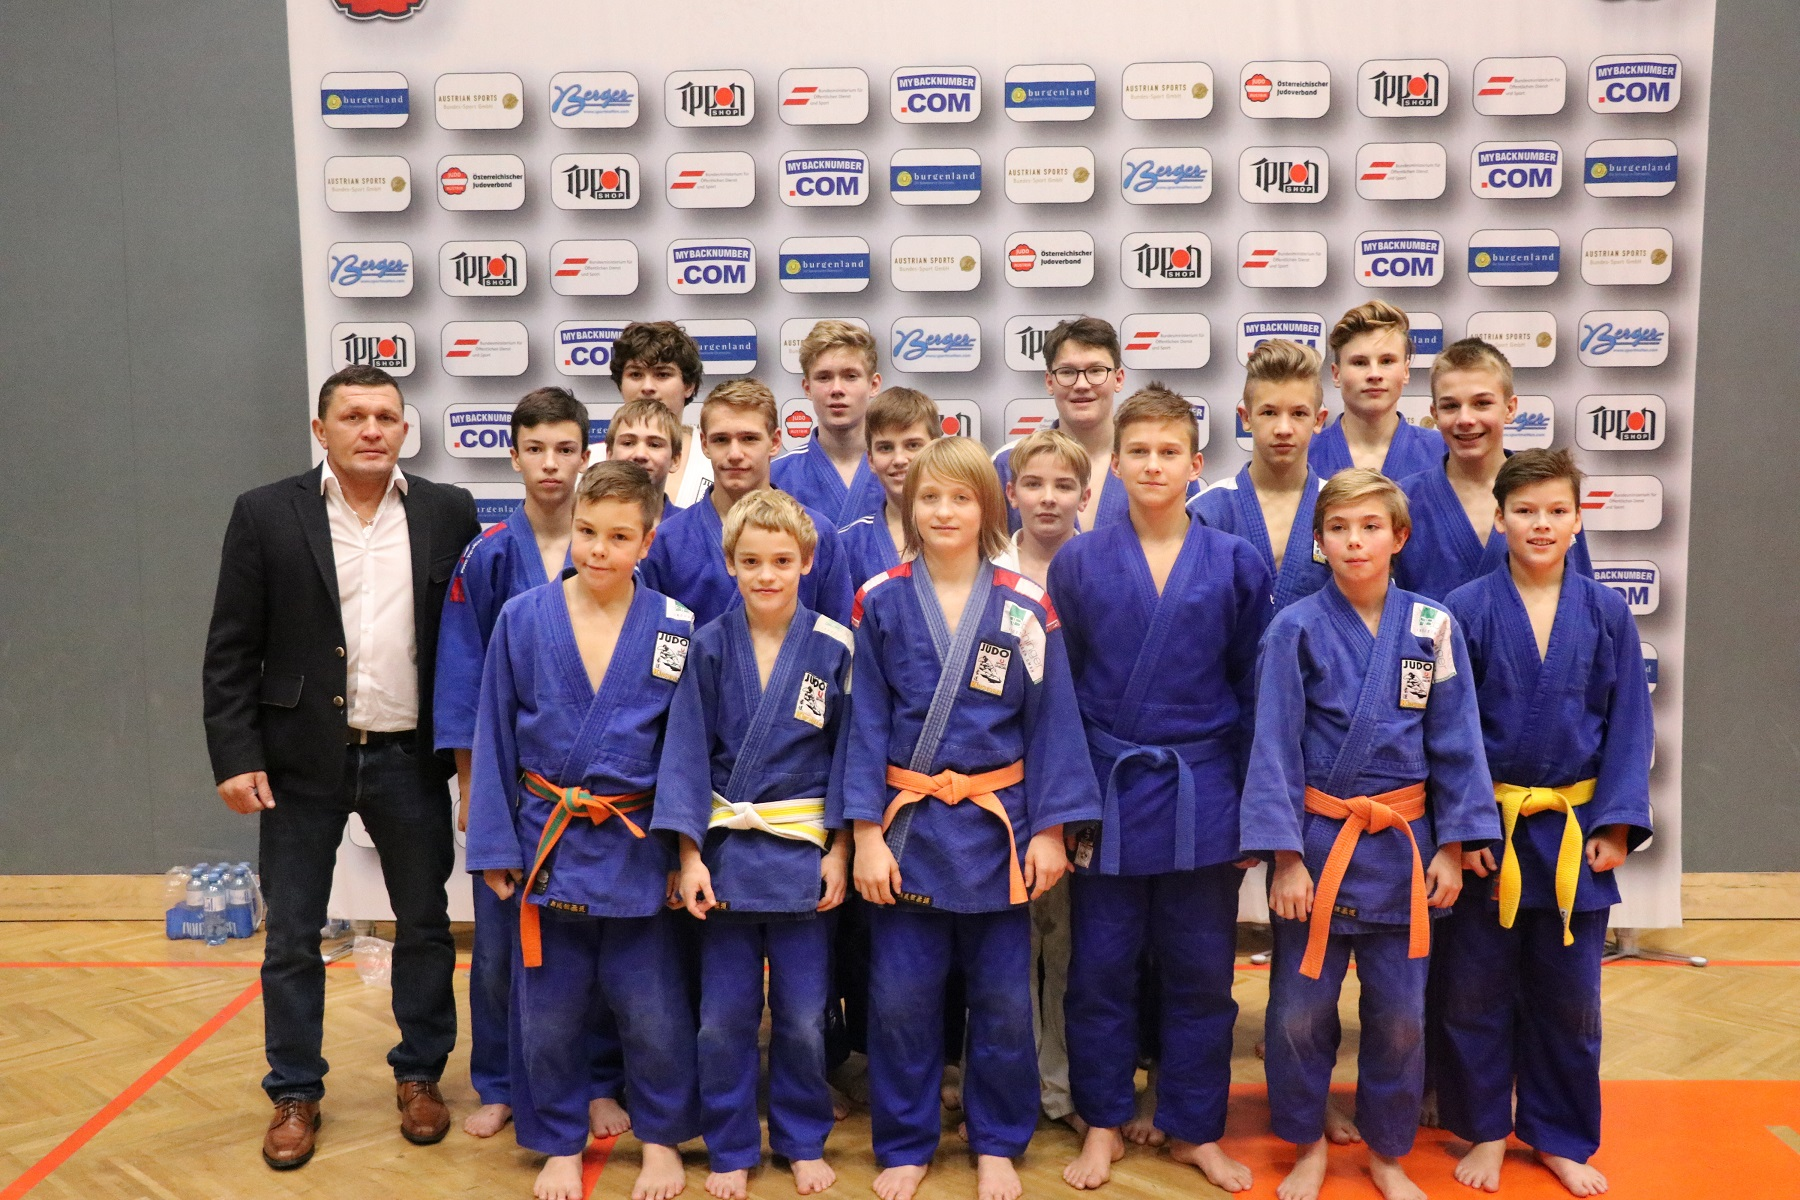 5. Platz bei den Österreichischen Schüler-Mannschaftsmeisterschaften U12 – U16 in Klosterneuburg